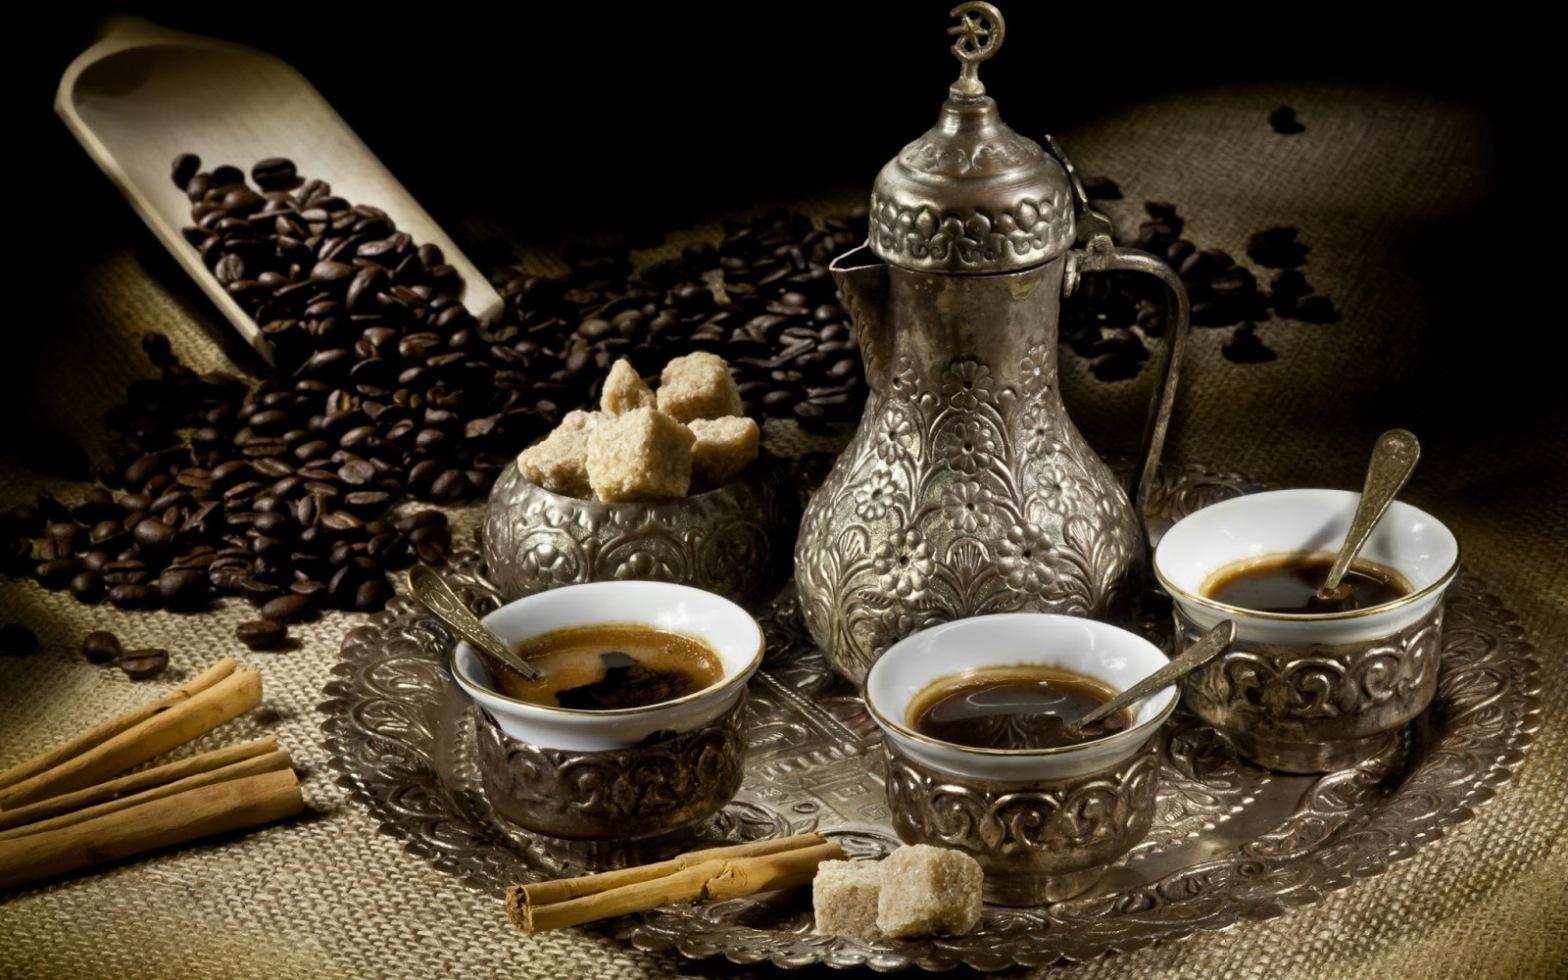 Kahve ile ilgili anlamlı ve güzel sözler